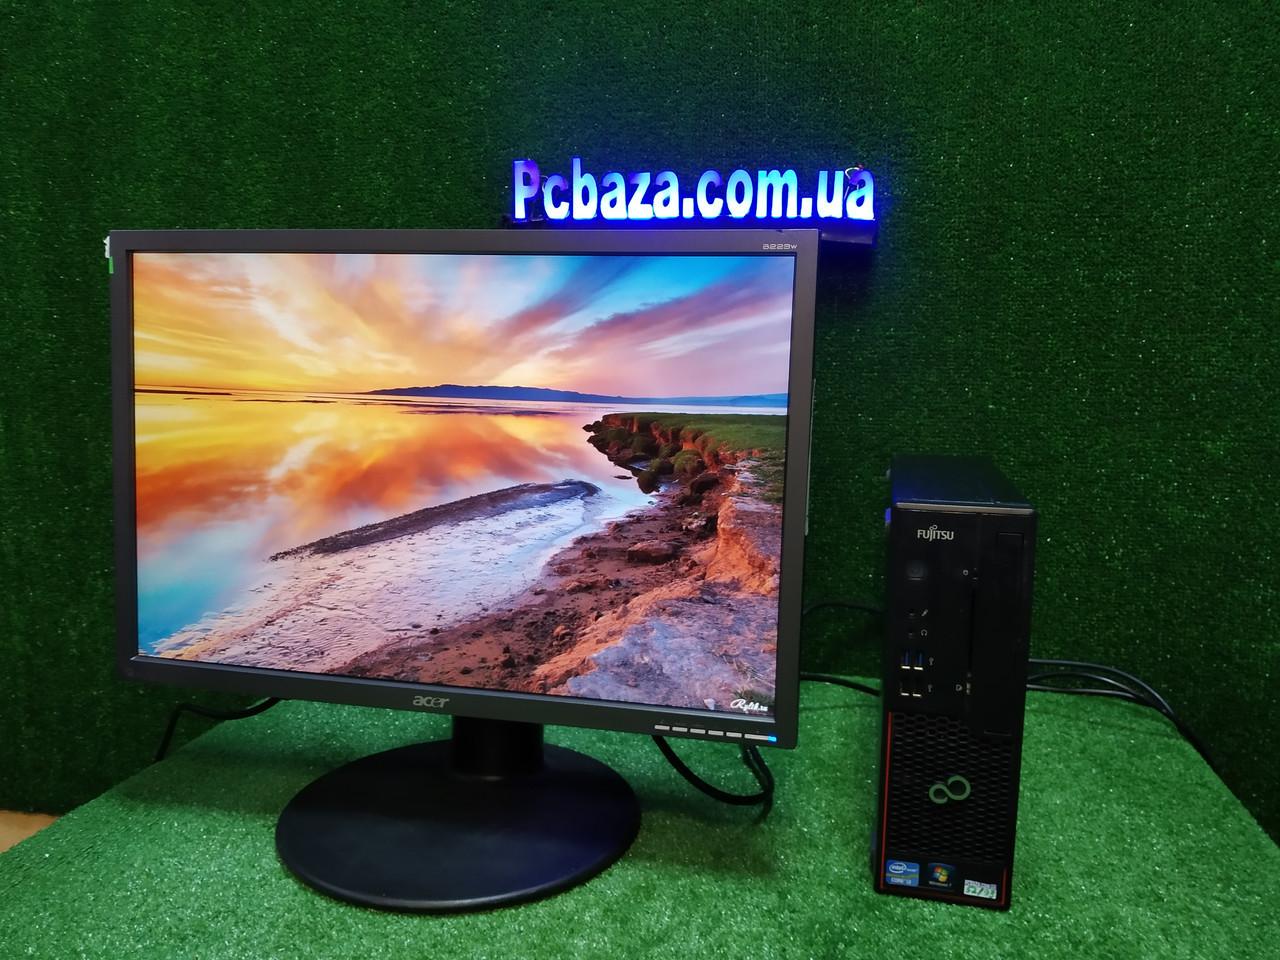 """ПК +монитор 22"""", i3-3220 3.3, 4 ГБ, 160 Гб, 2xCOM, 10 USB, USB 3.0 Настроен. Германия!"""